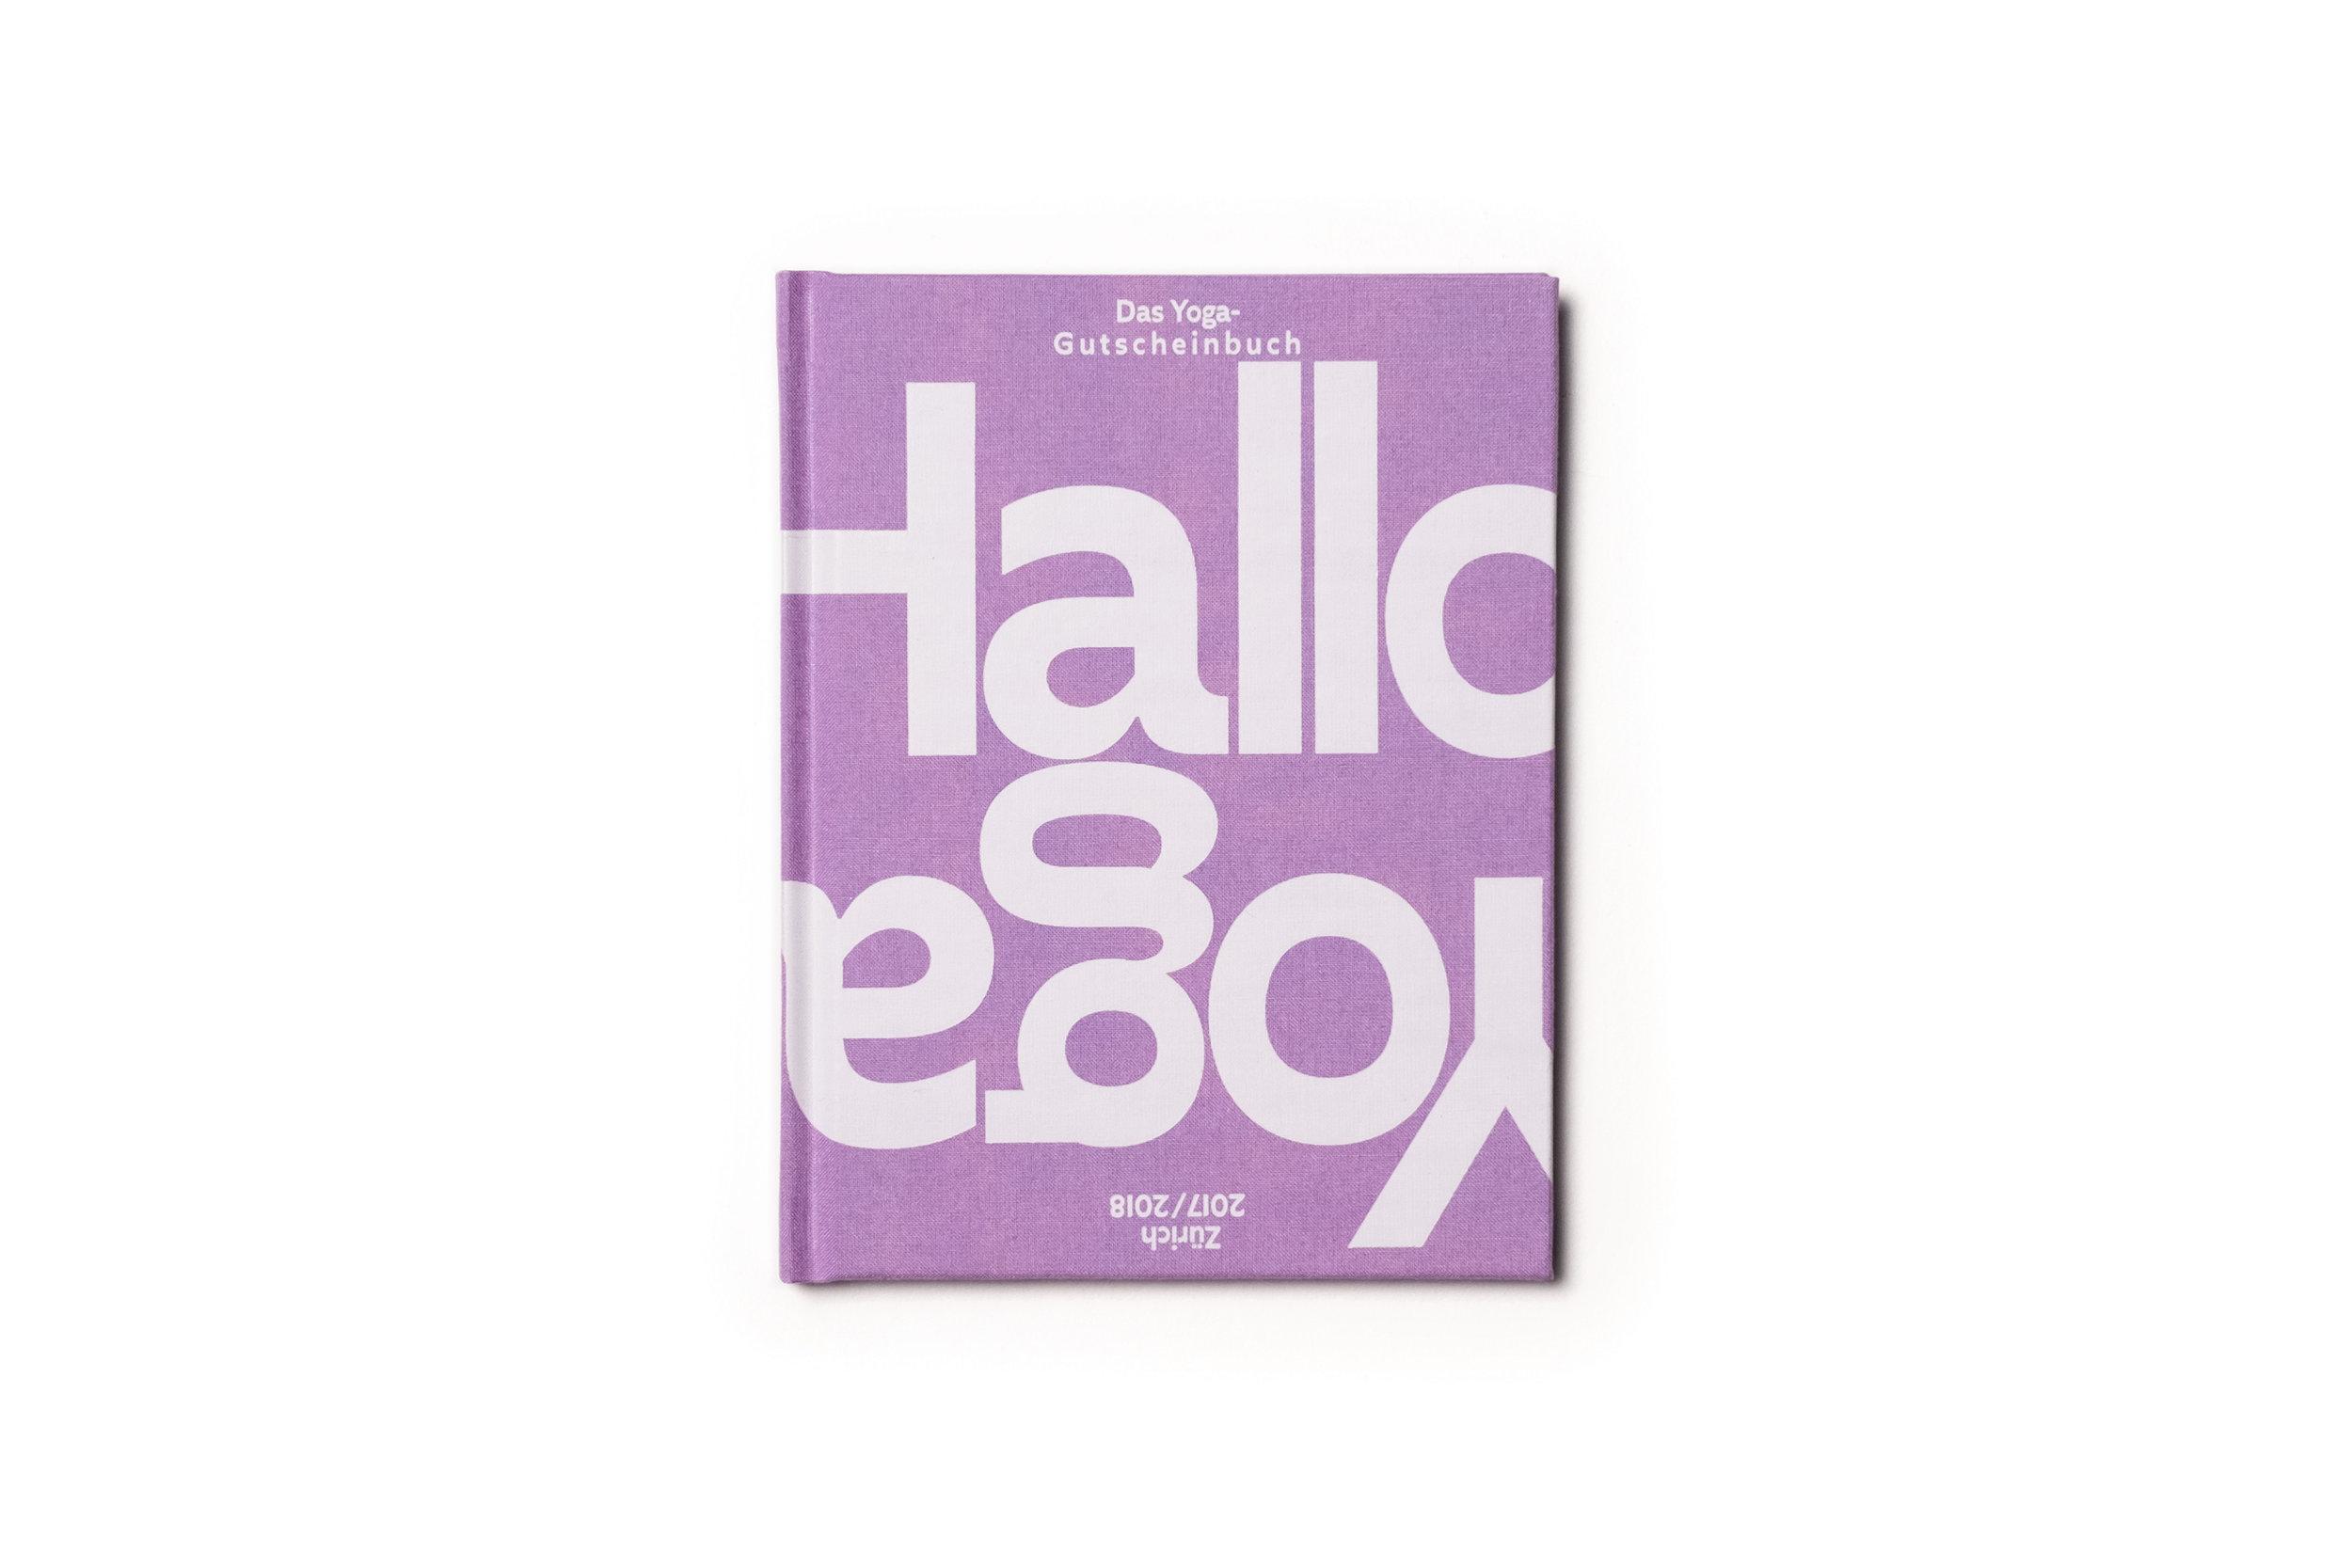 halloyoga2-cover-1.jpg